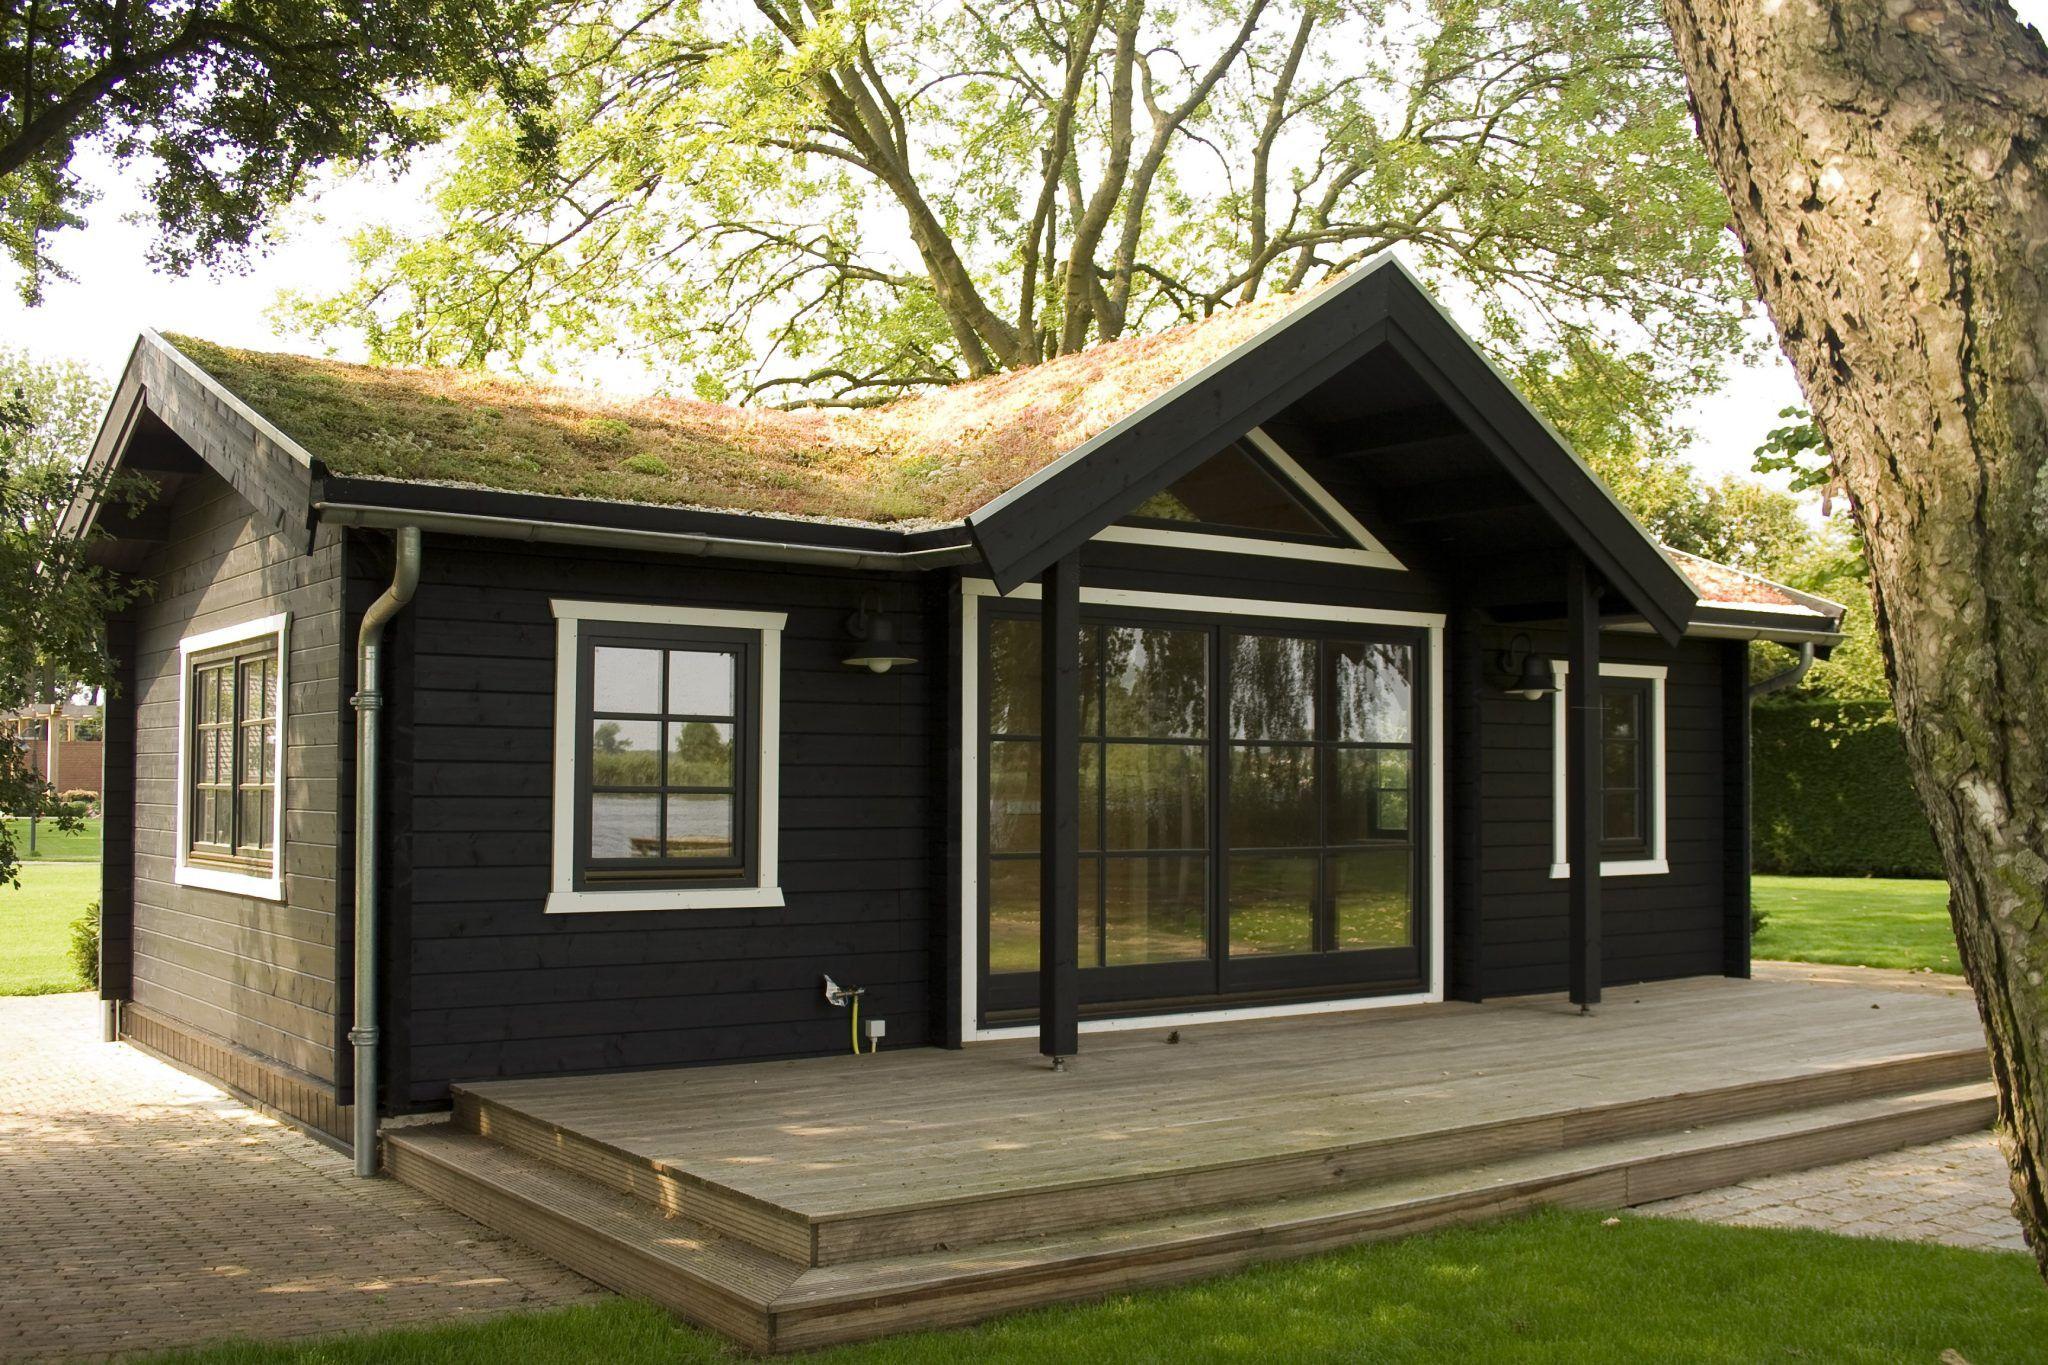 Chalet En Bois Pas Cher Destockage Design De Maison Achat ... destiné Cabane De Jardin Habitable